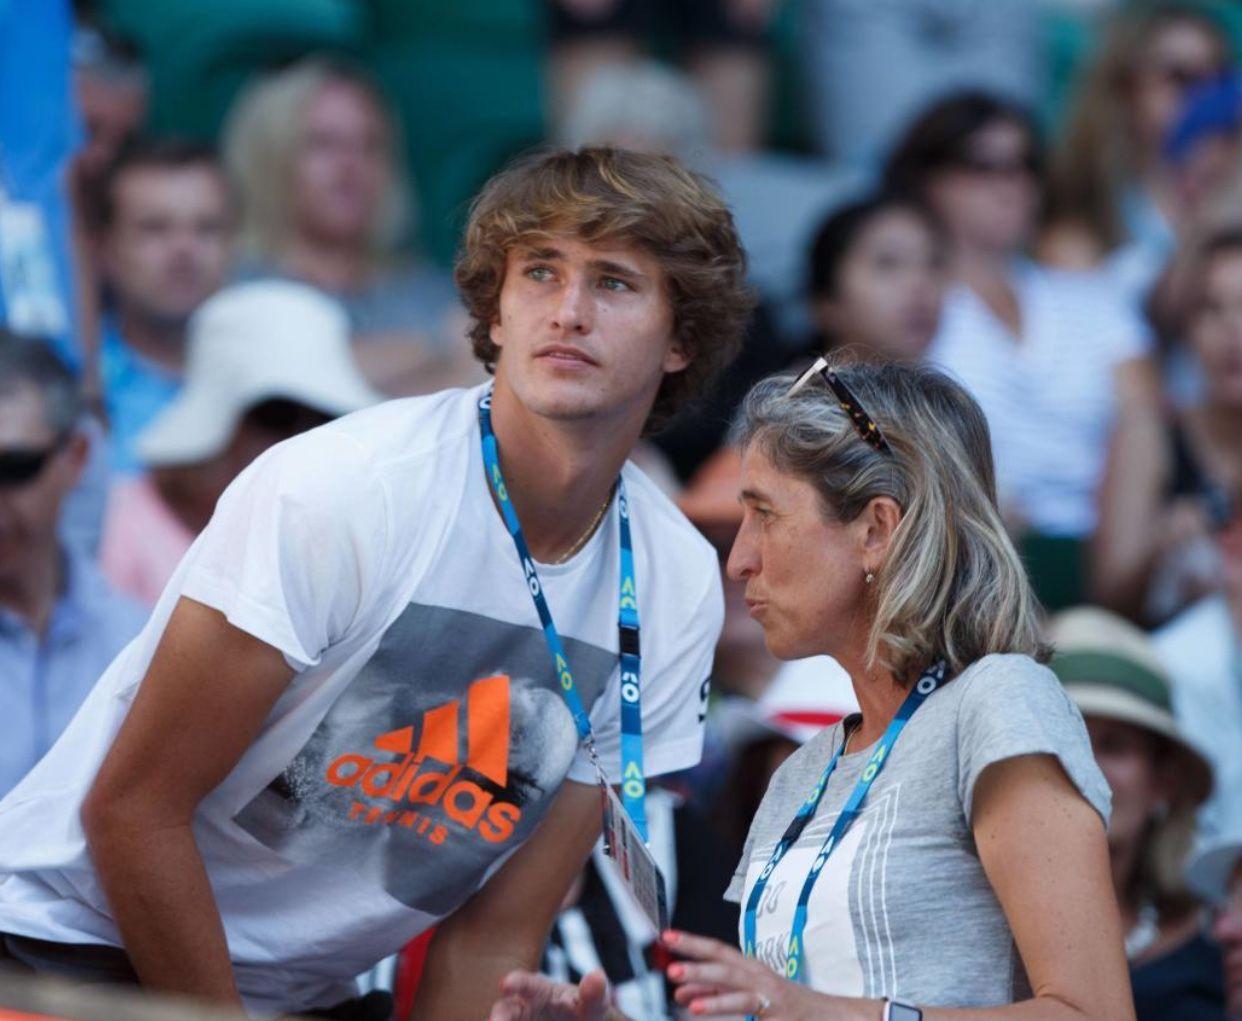 Mother Son Alexander Zverev Tennis Champion Tennis Players